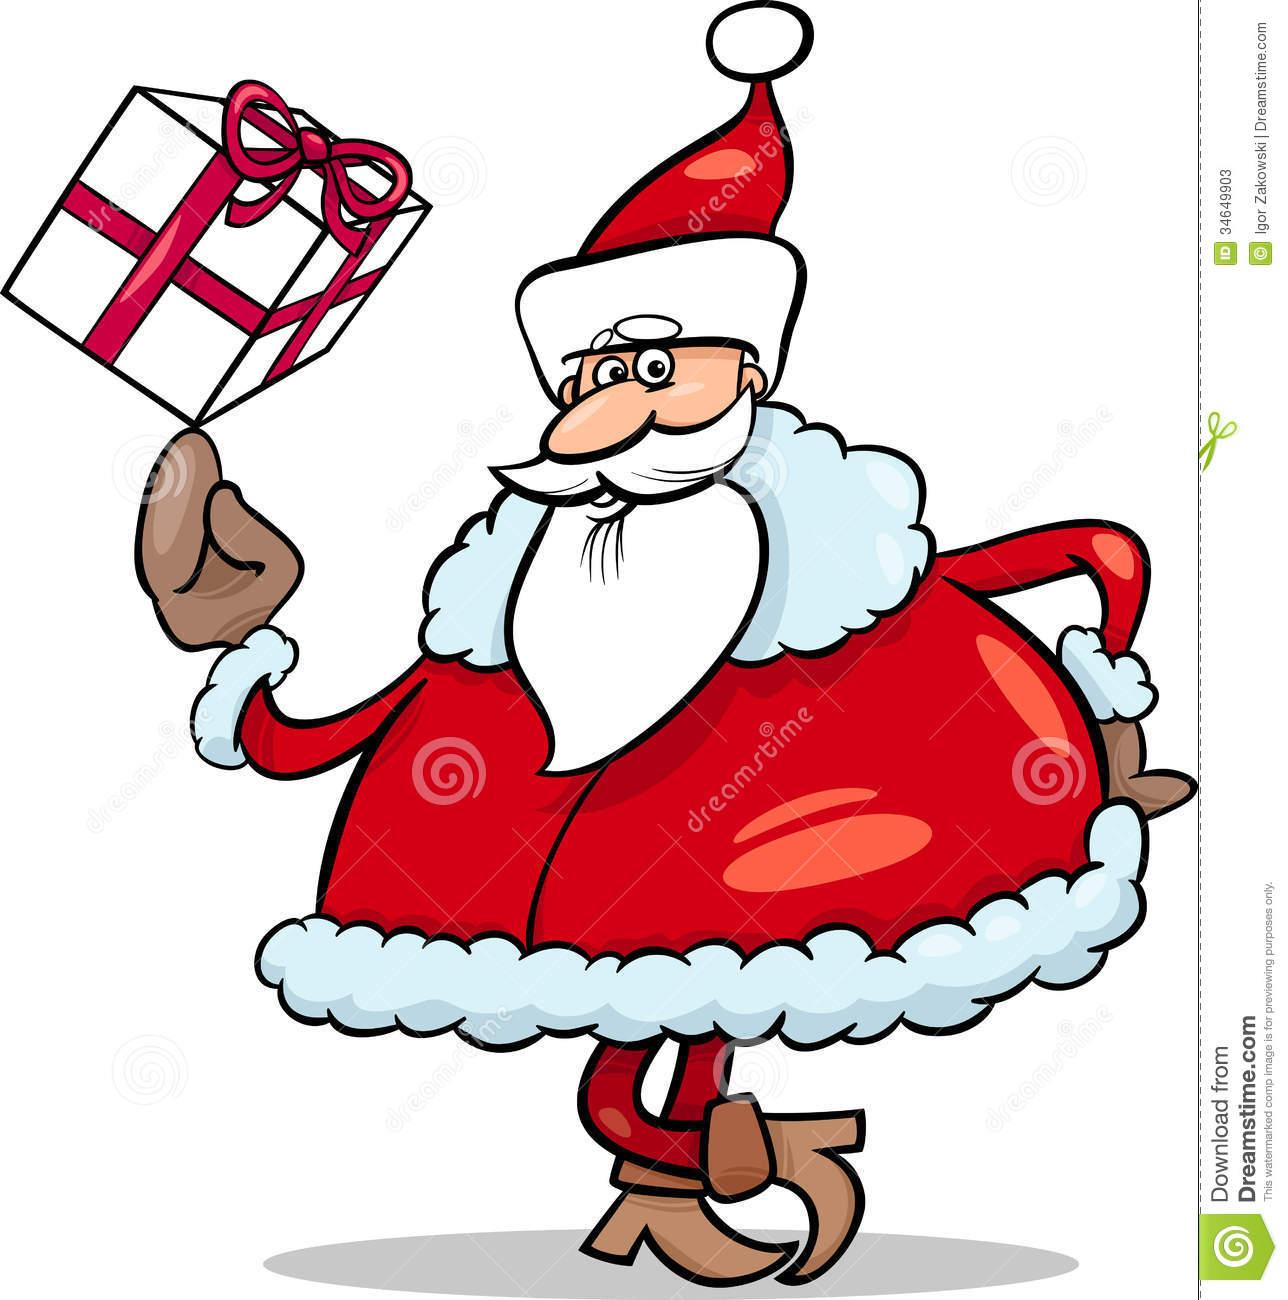 Мультик про подарок на рождество